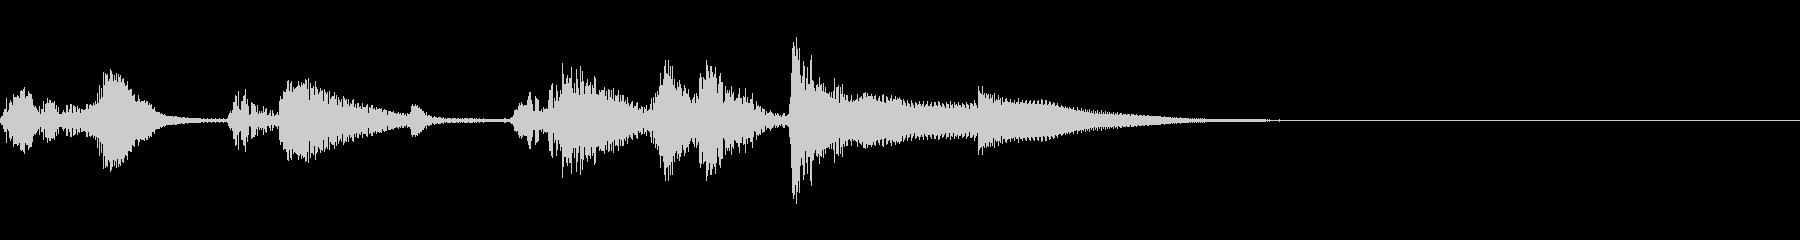 ピアノジャズ ジングルの未再生の波形